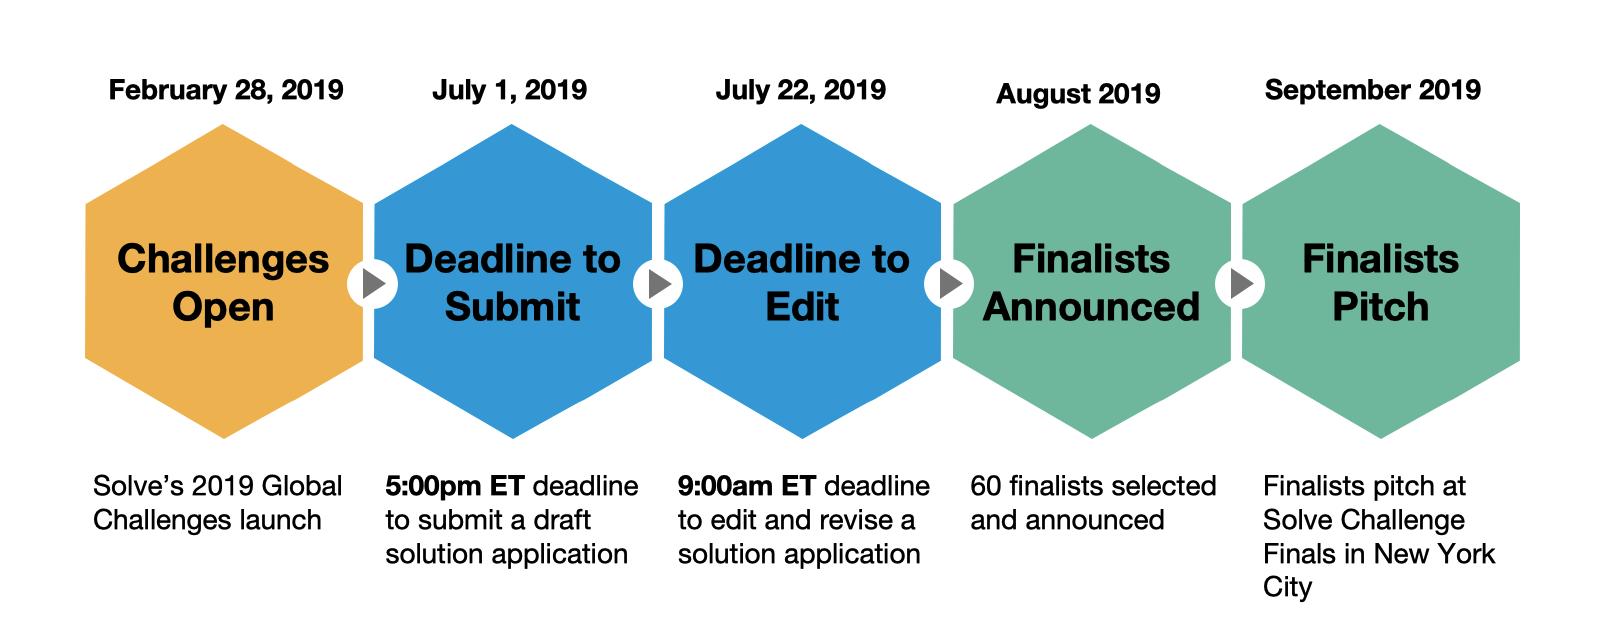 Solve's 2019 Global Challenges Timeline